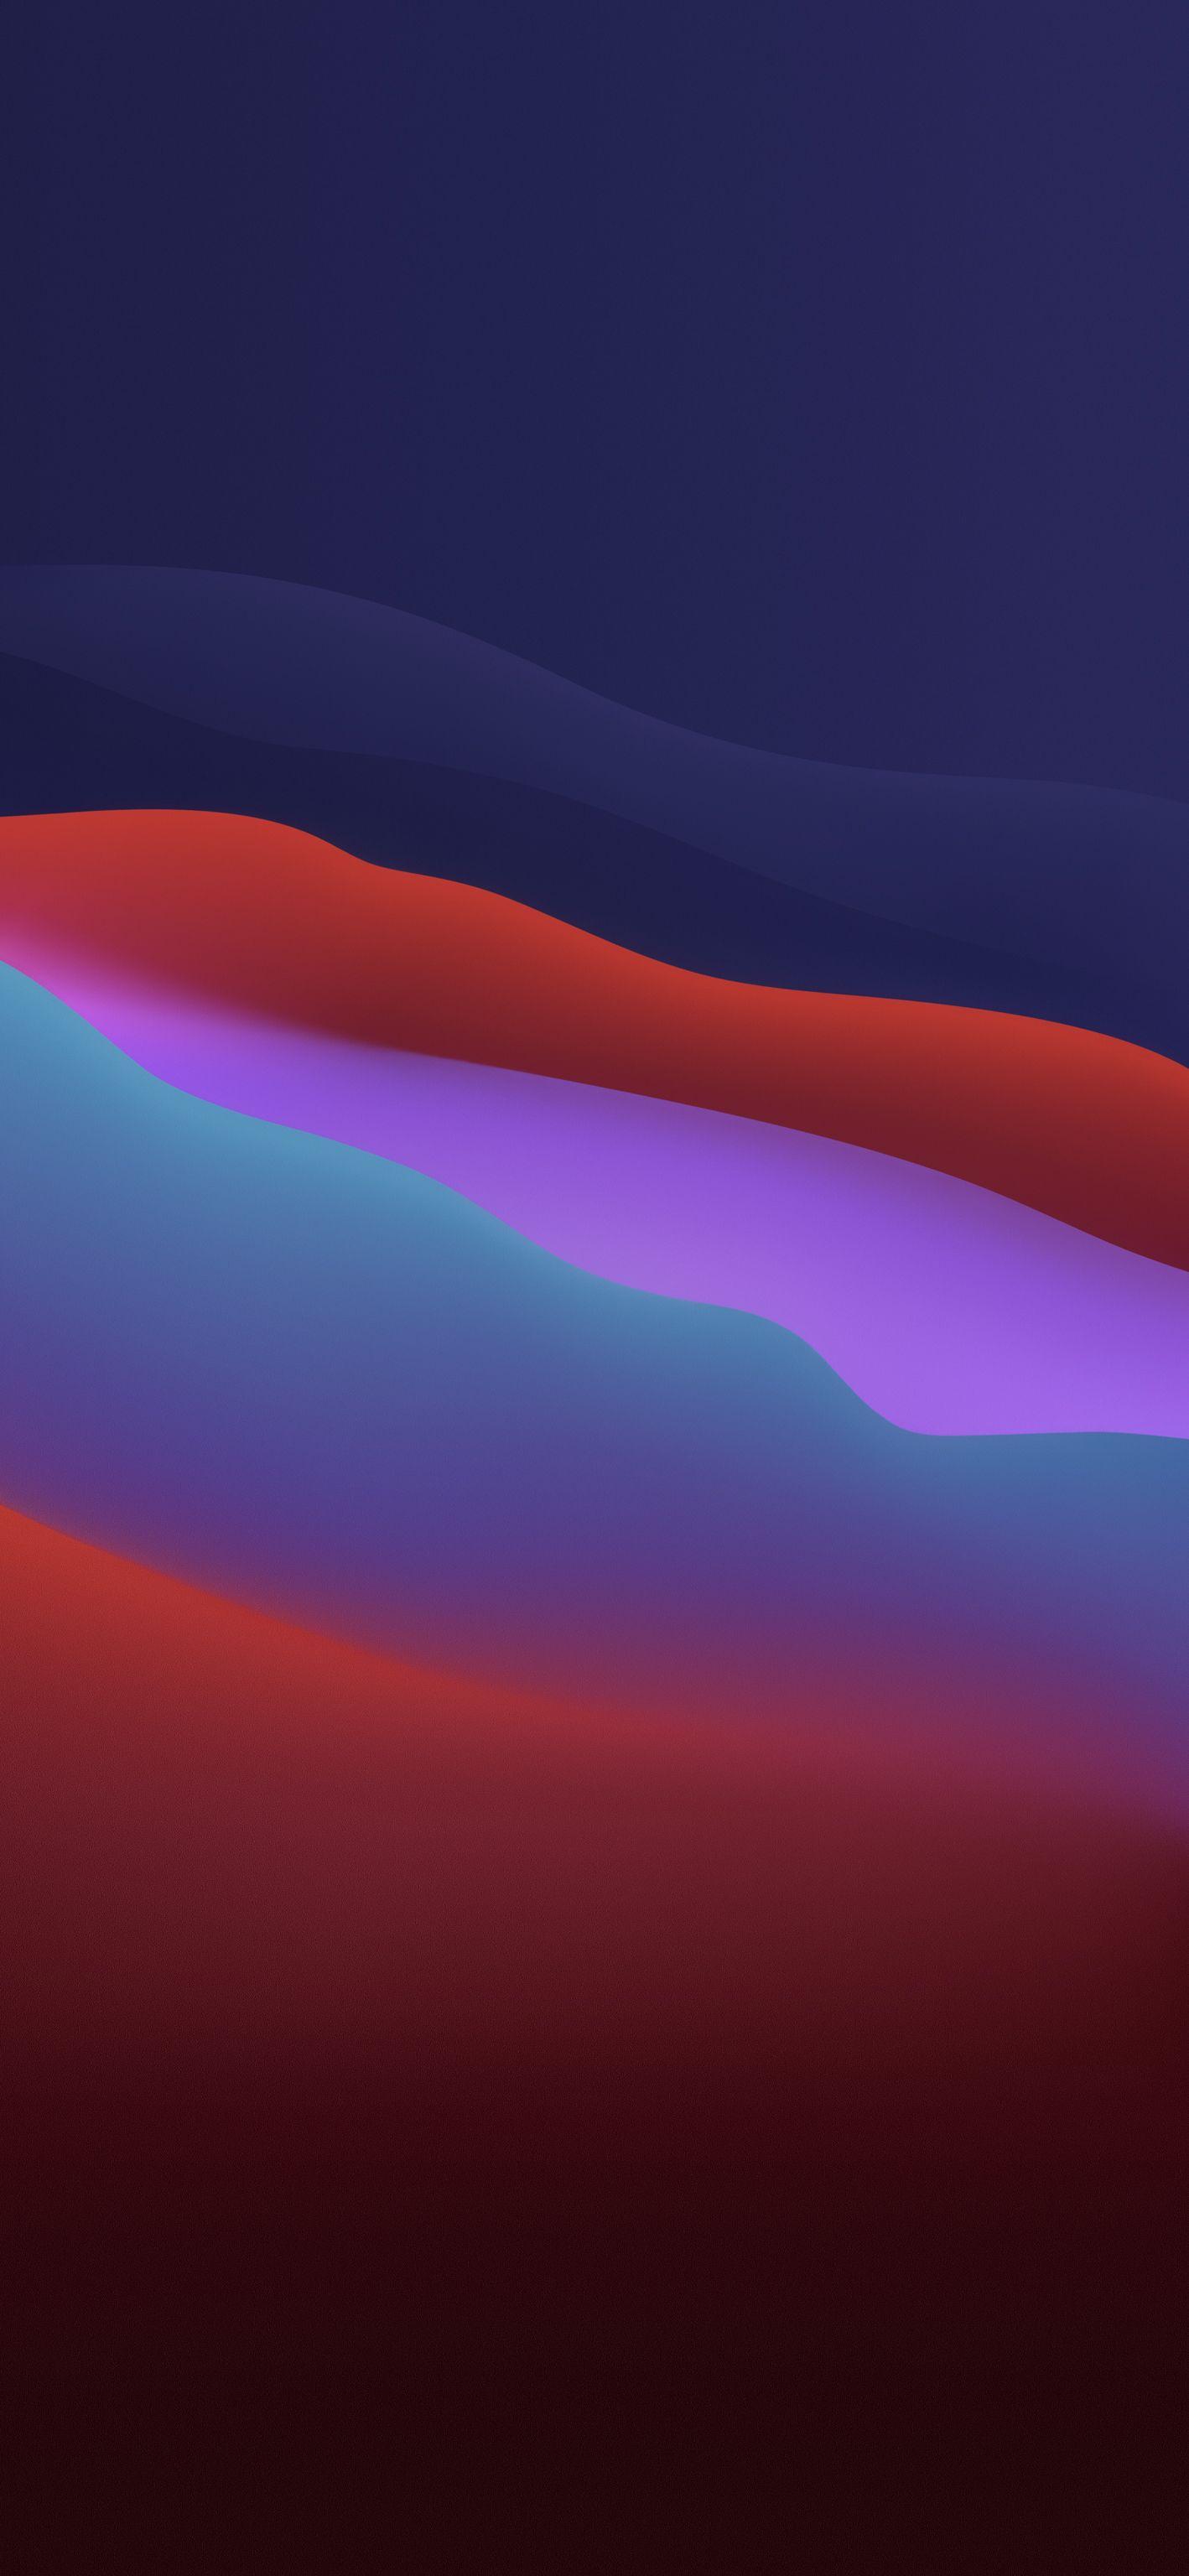 iOS 14 wallpaper Iphone wallpaper landscape Color wallpaper 1418x3072